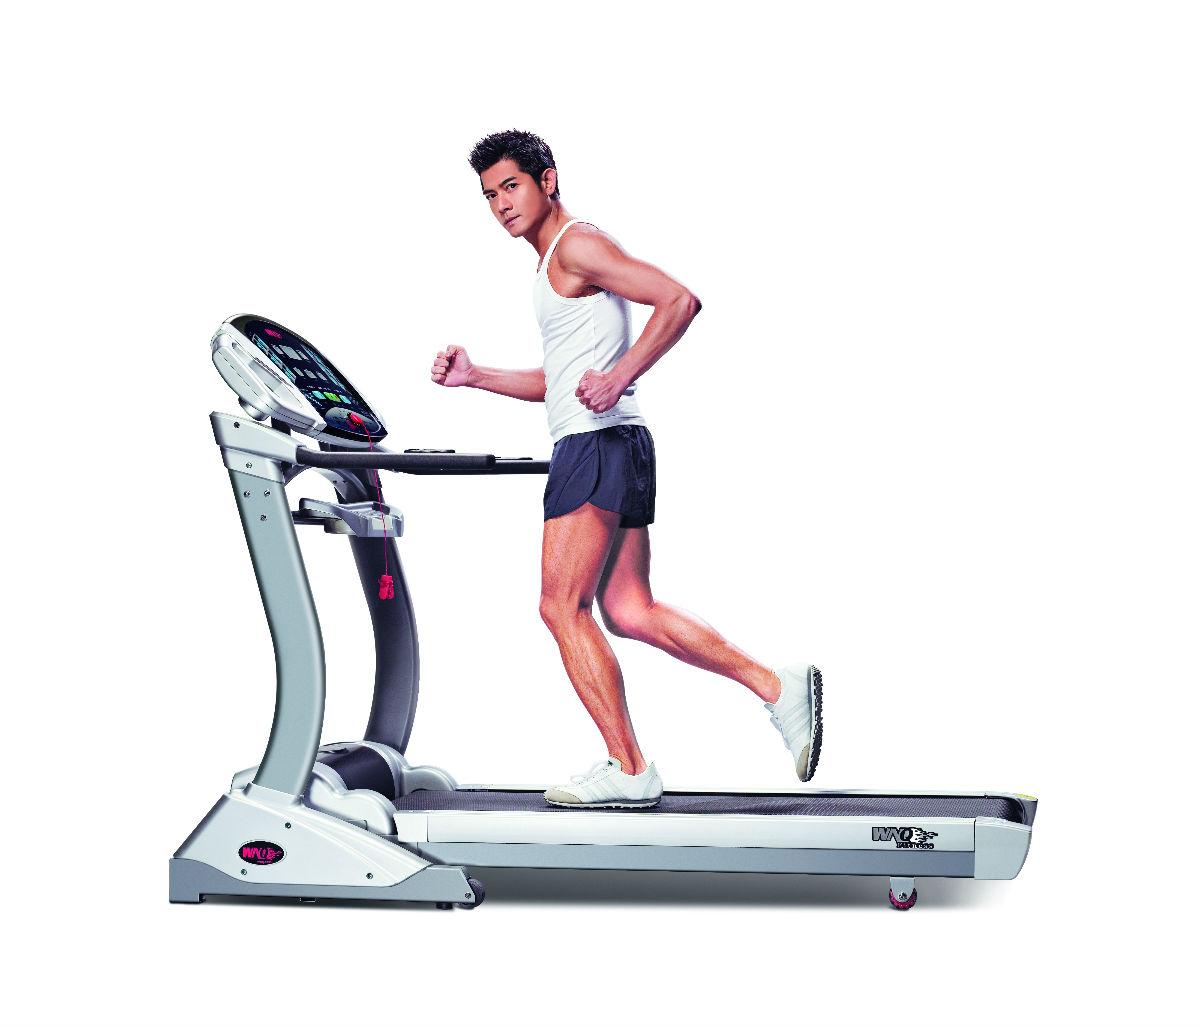 最有效的减肥瘦身操_跑步机减肥方法 怎样用跑步机减肥才有效